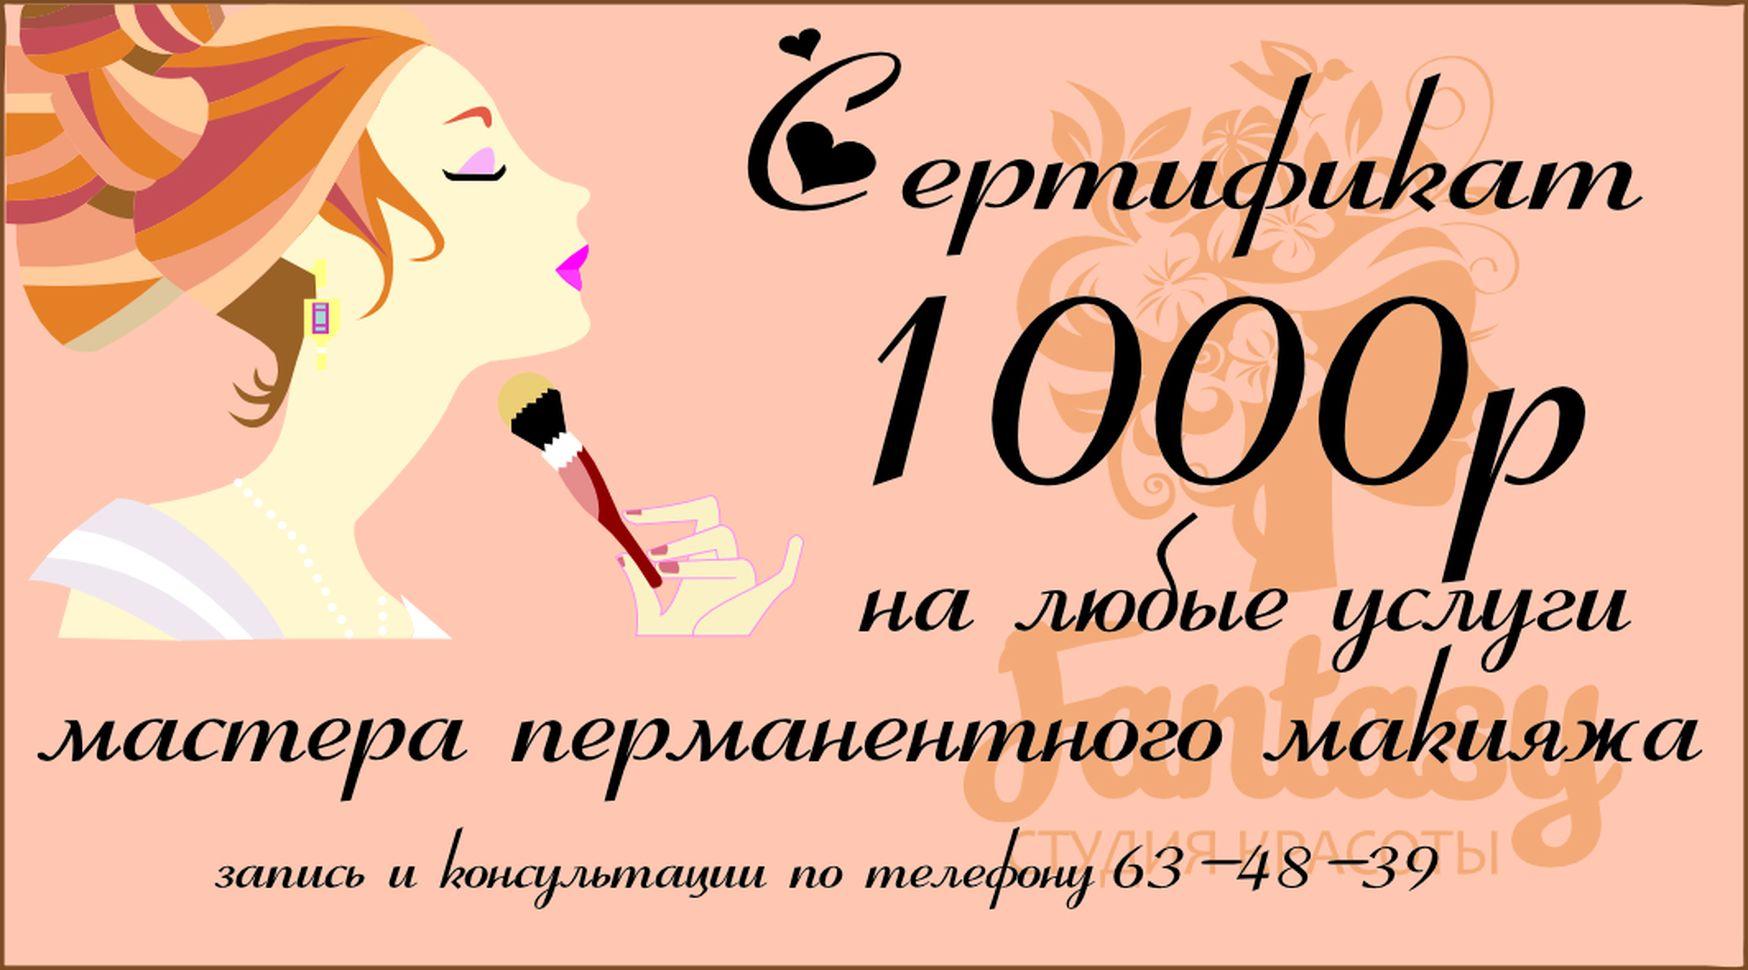 Сертификат пермак 1000р